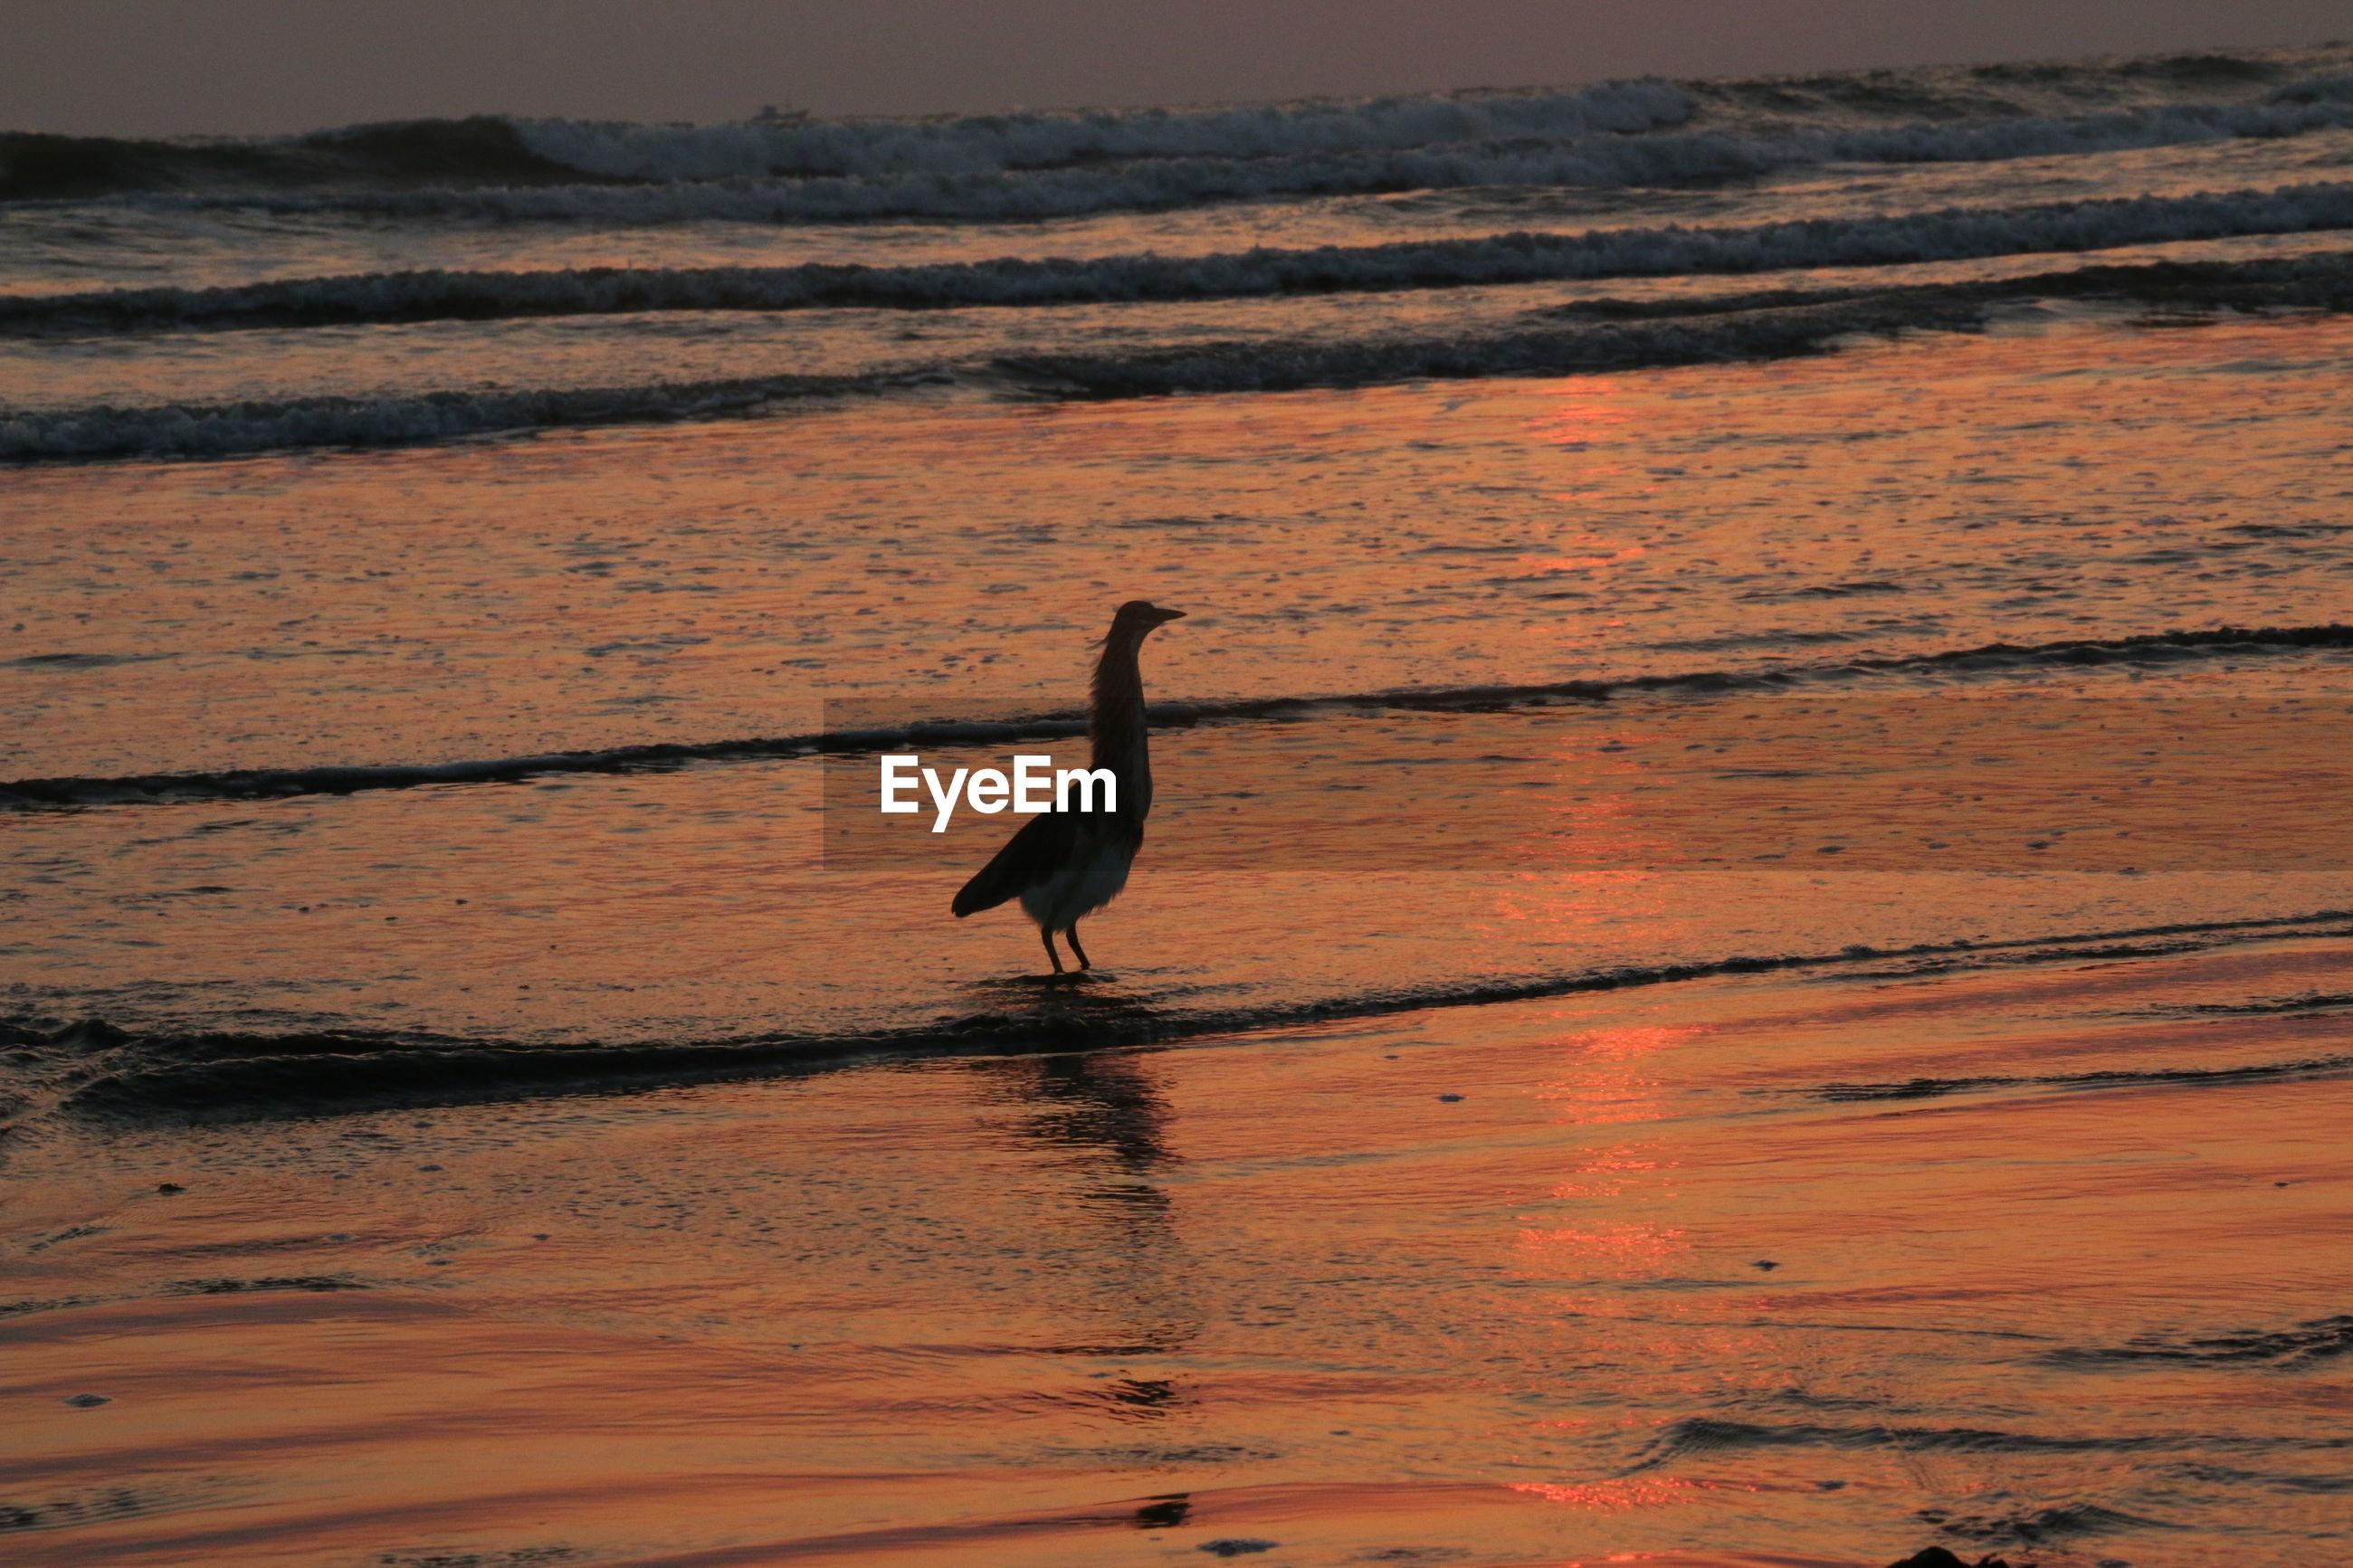 Bird on lake during sunset